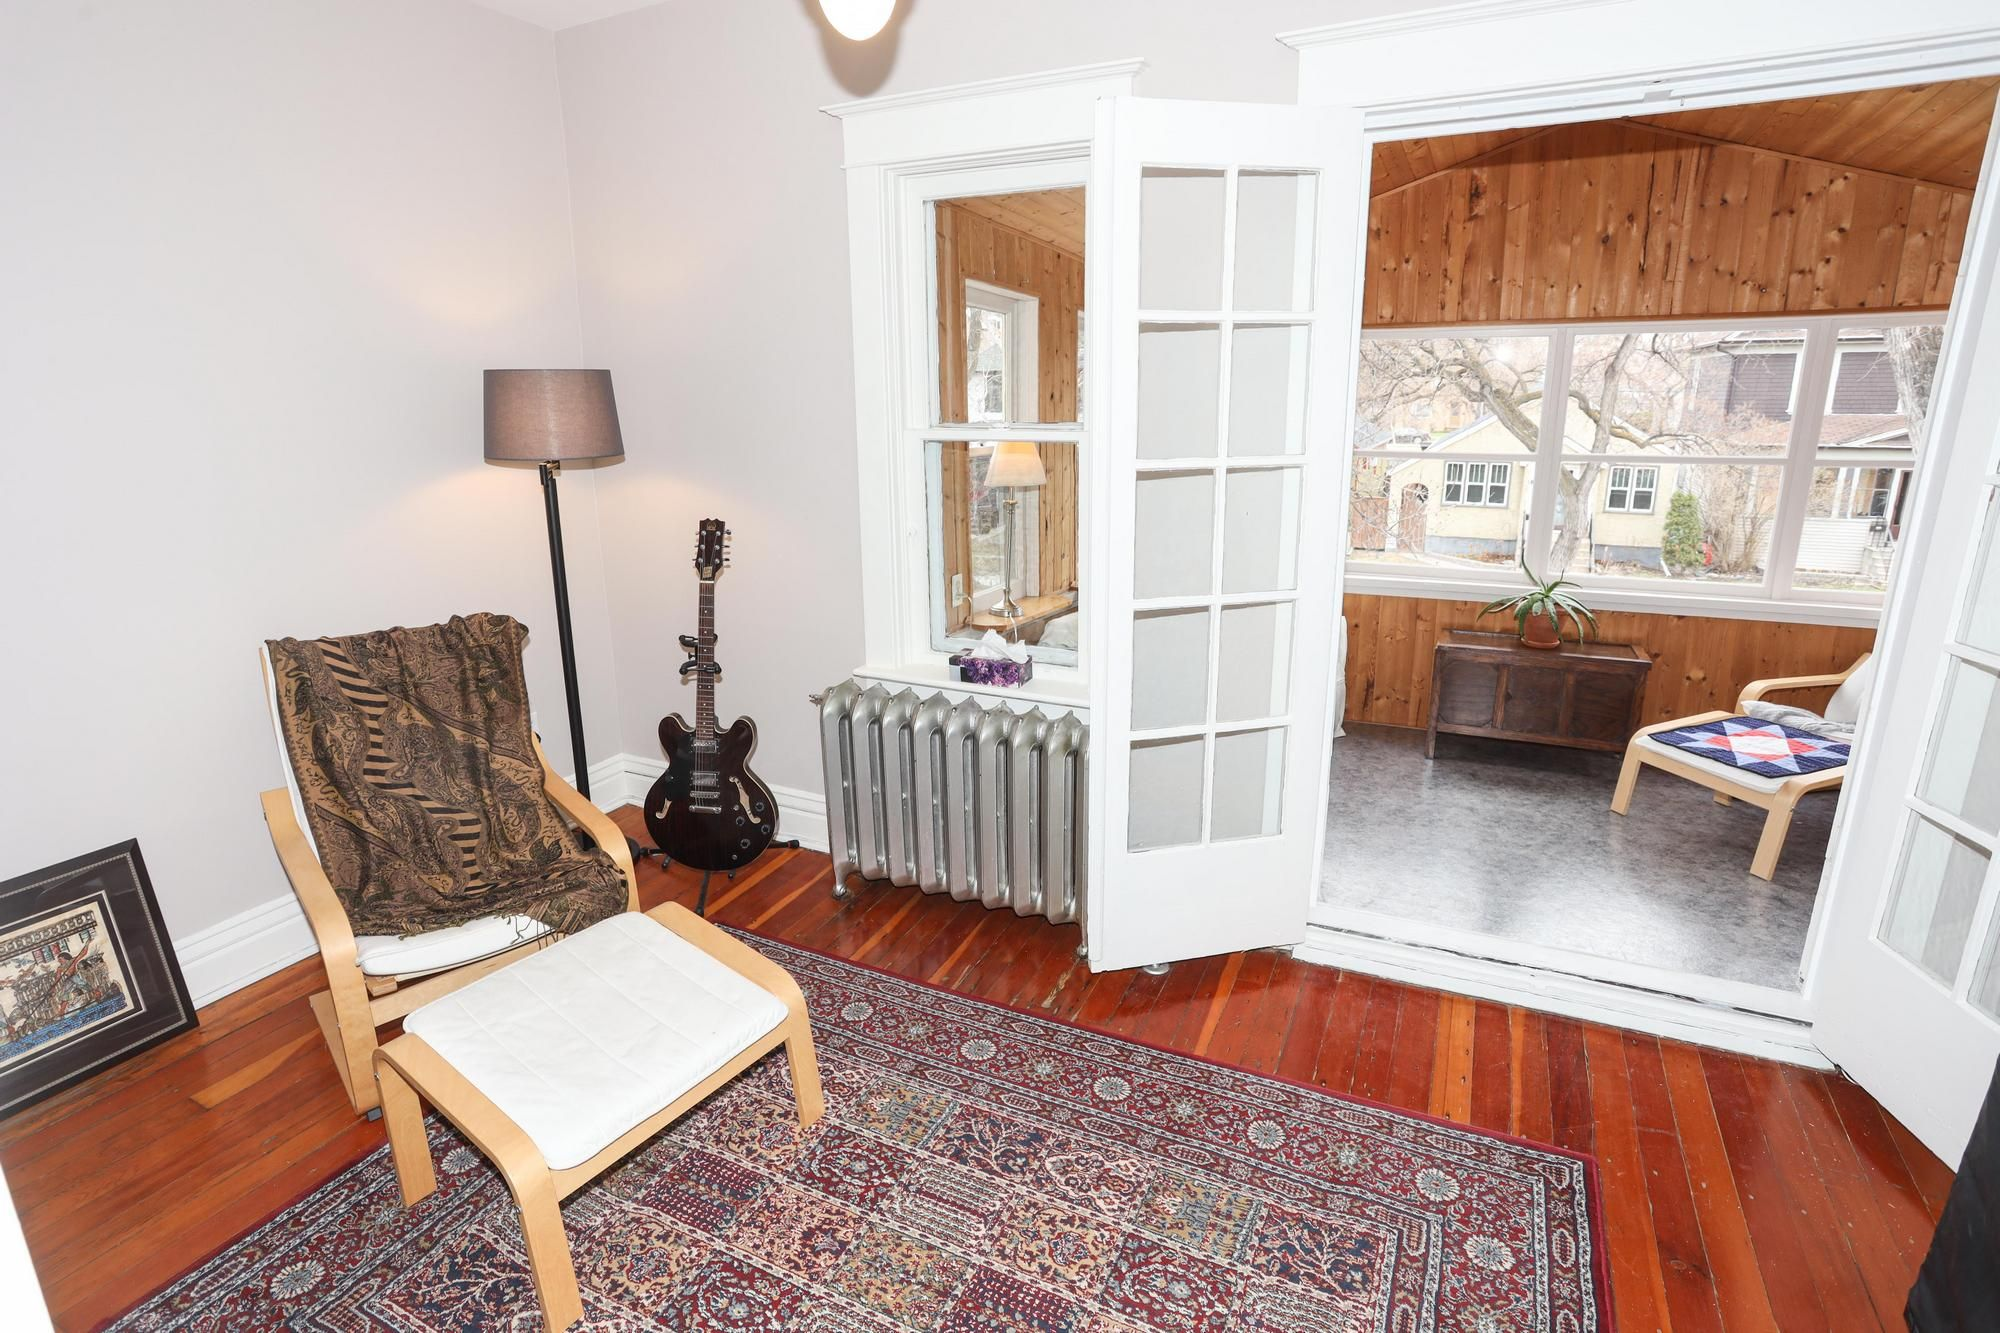 Photo 18: Photos: 35 Lipton Street in Winnipeg: Wolseley Single Family Detached for sale (5B)  : MLS®# 202110486